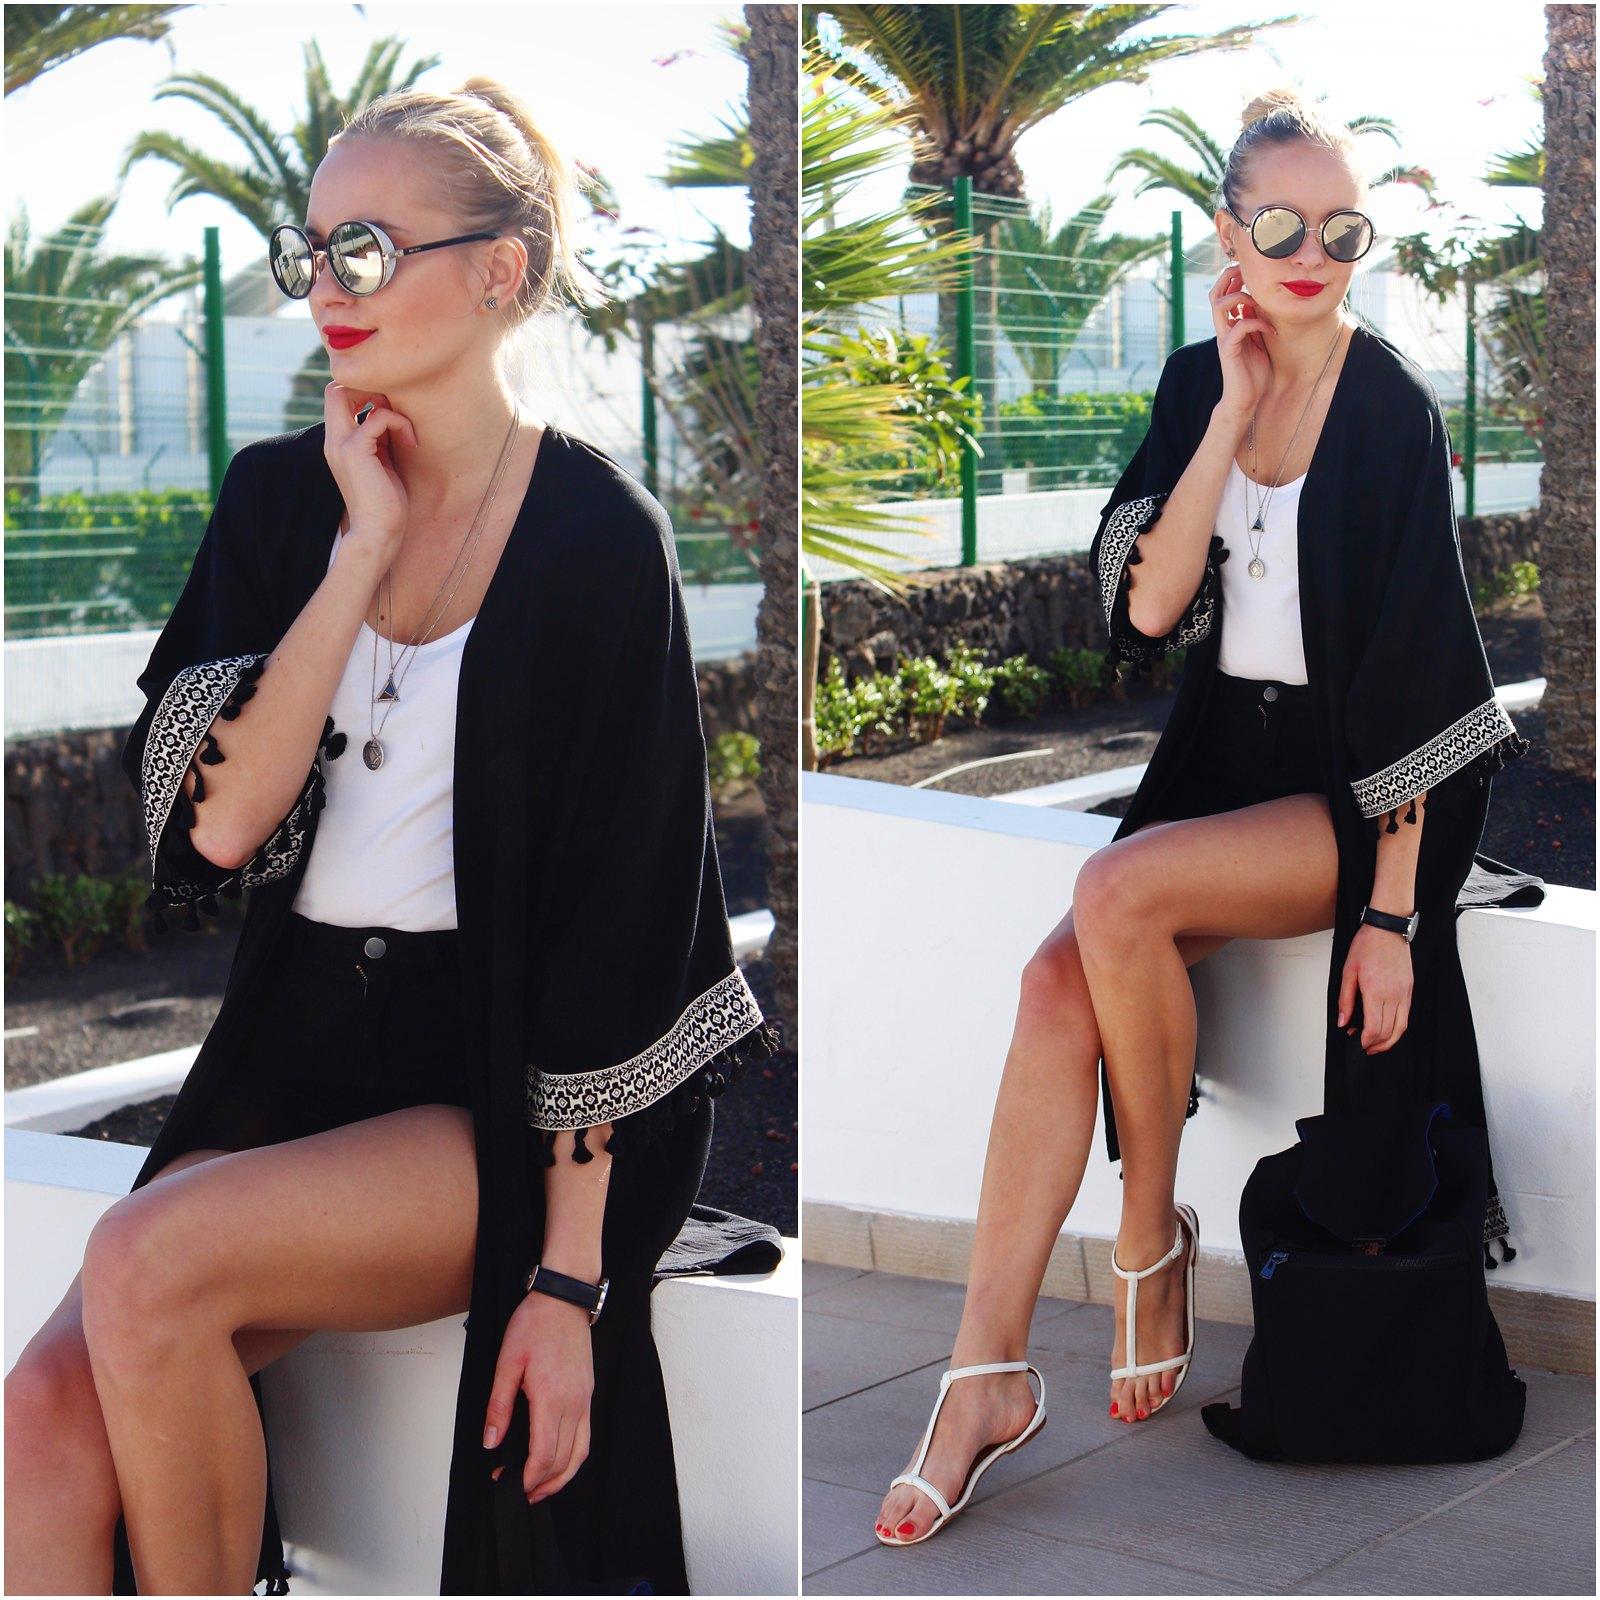 H&M Loves Coachella outfit